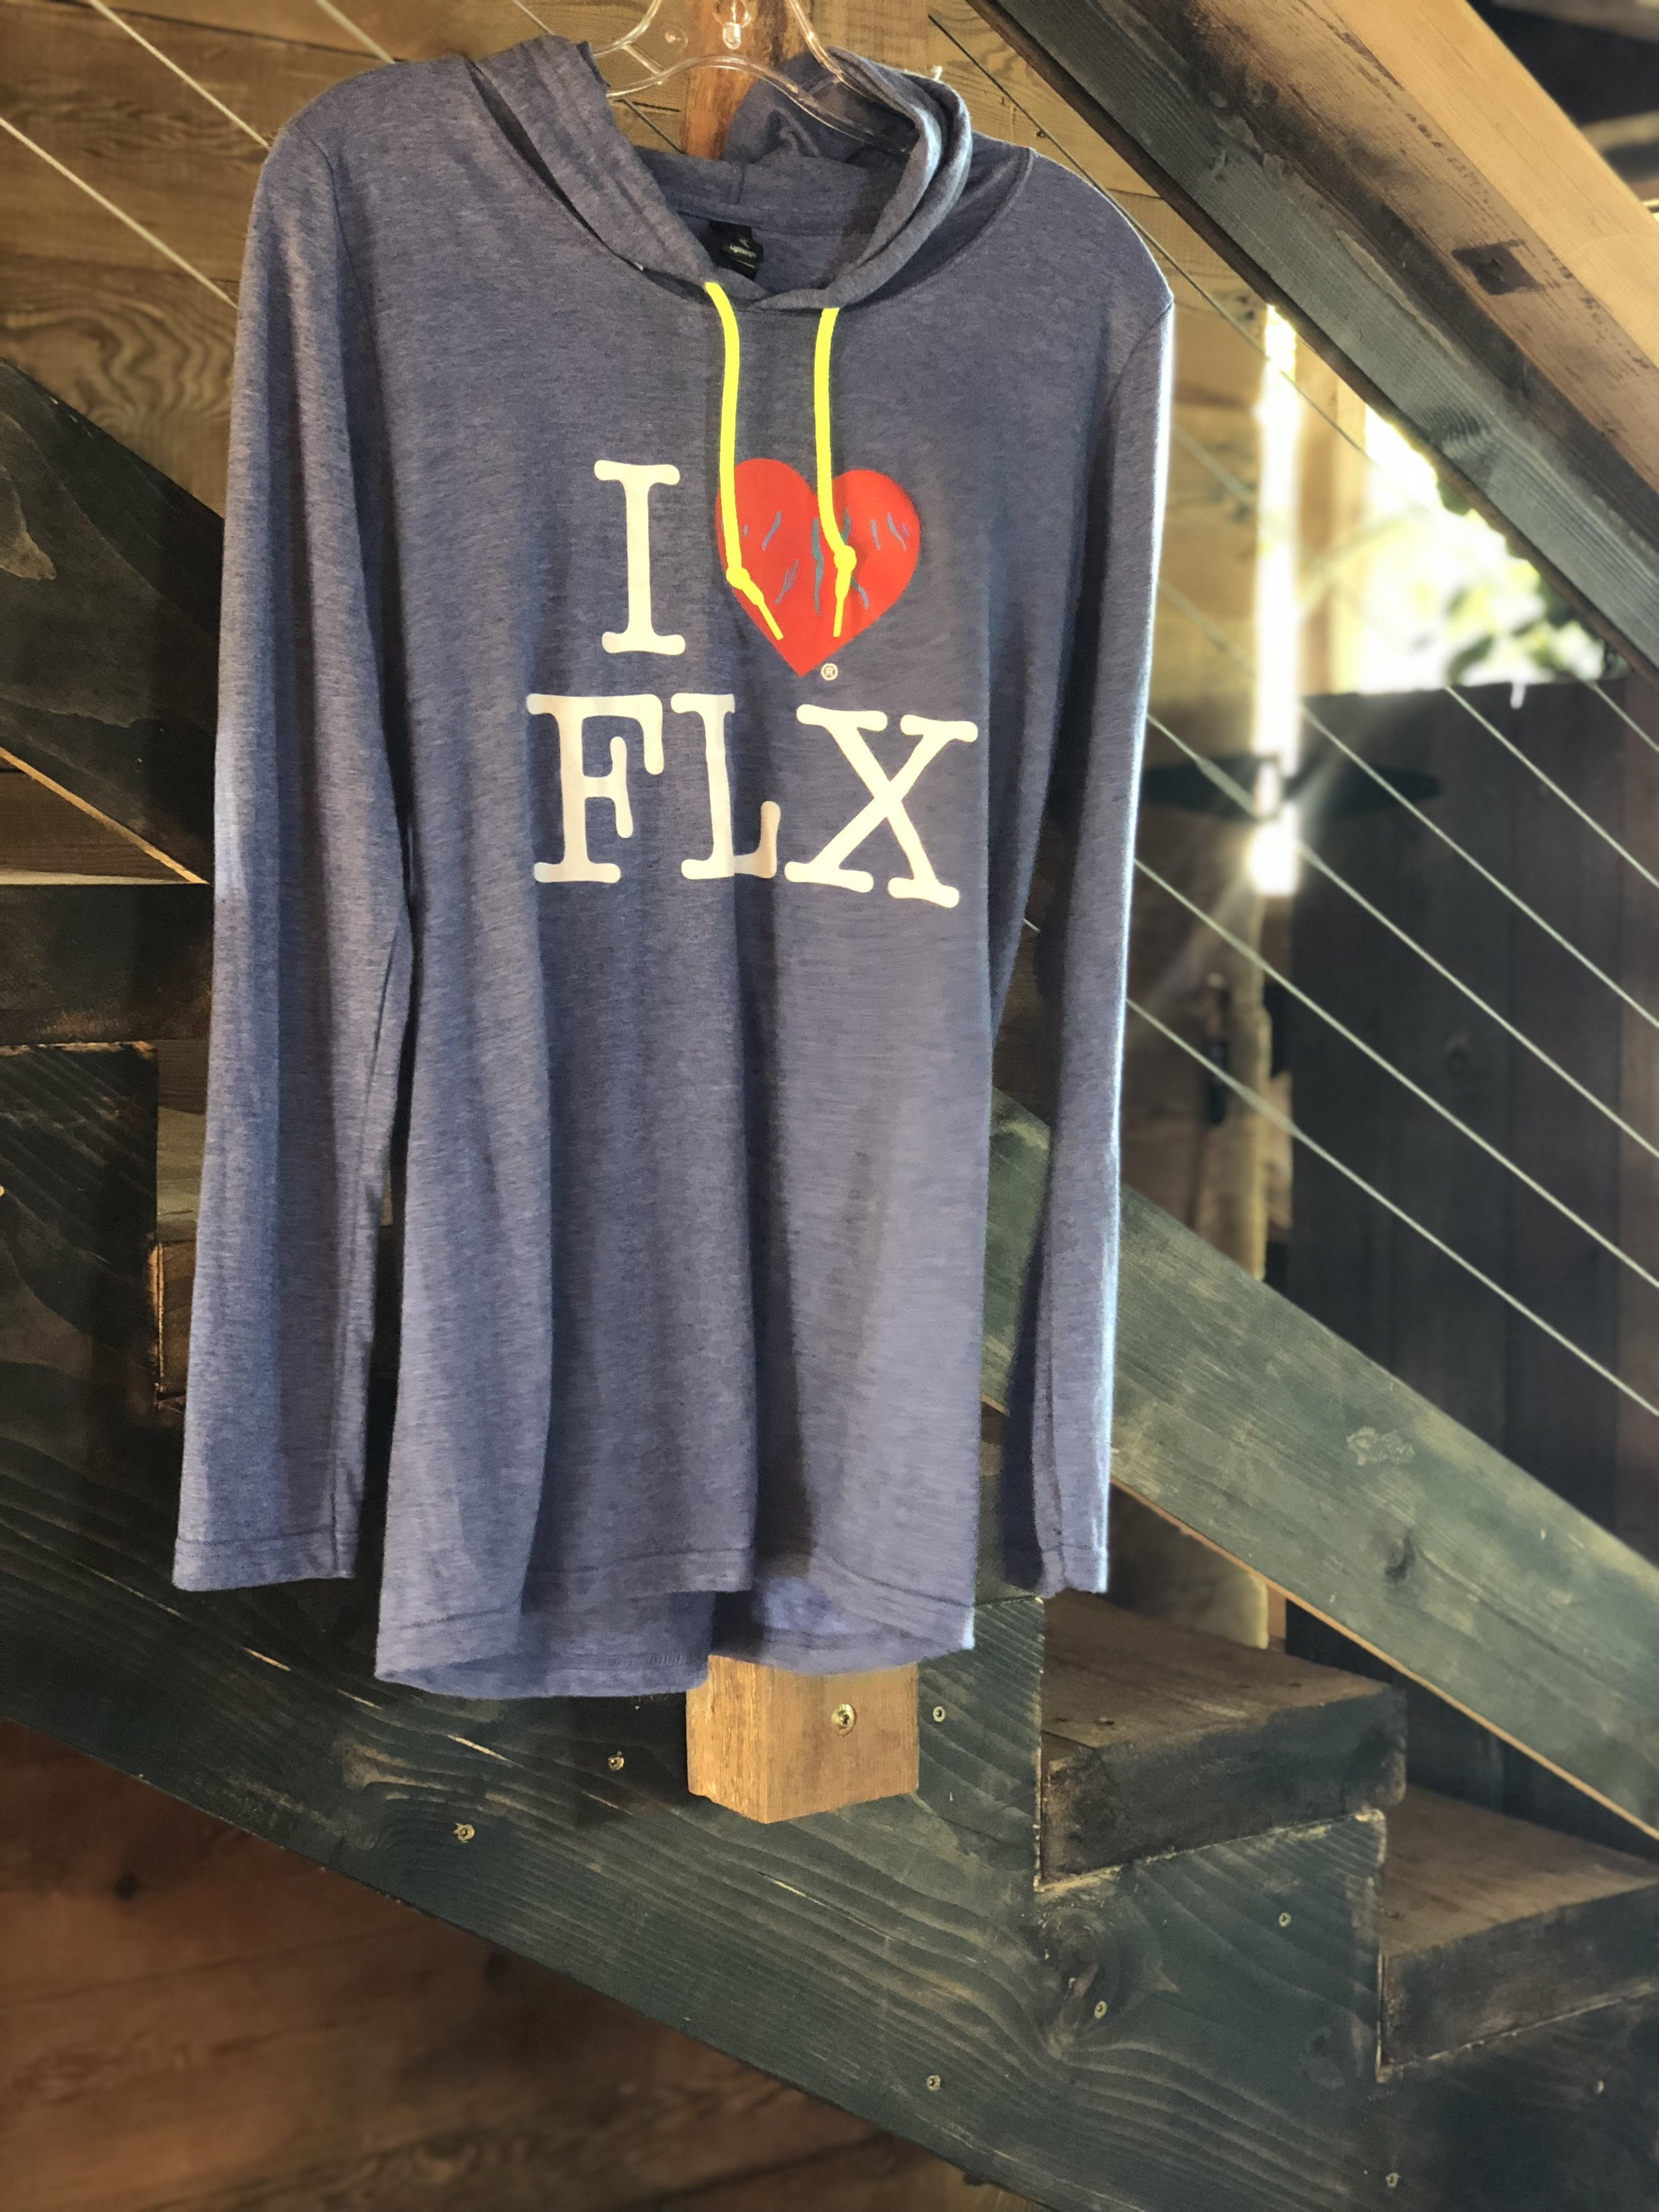 Flx Tshirt